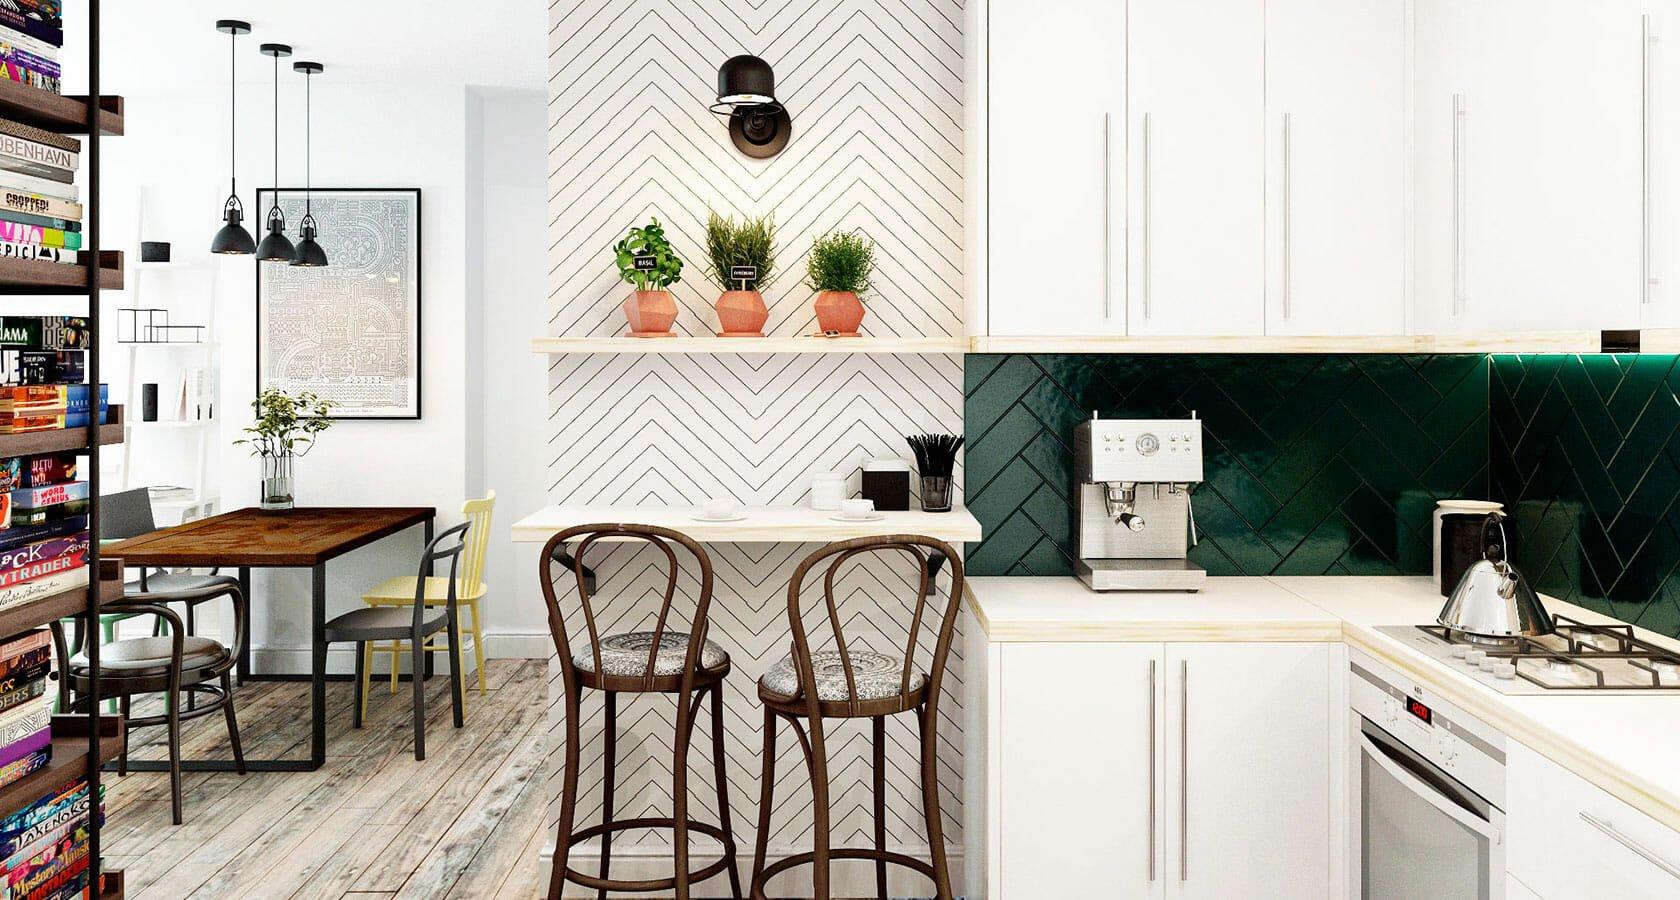 moden farmhouse Margaryta S. heringbone kitchen backsplash